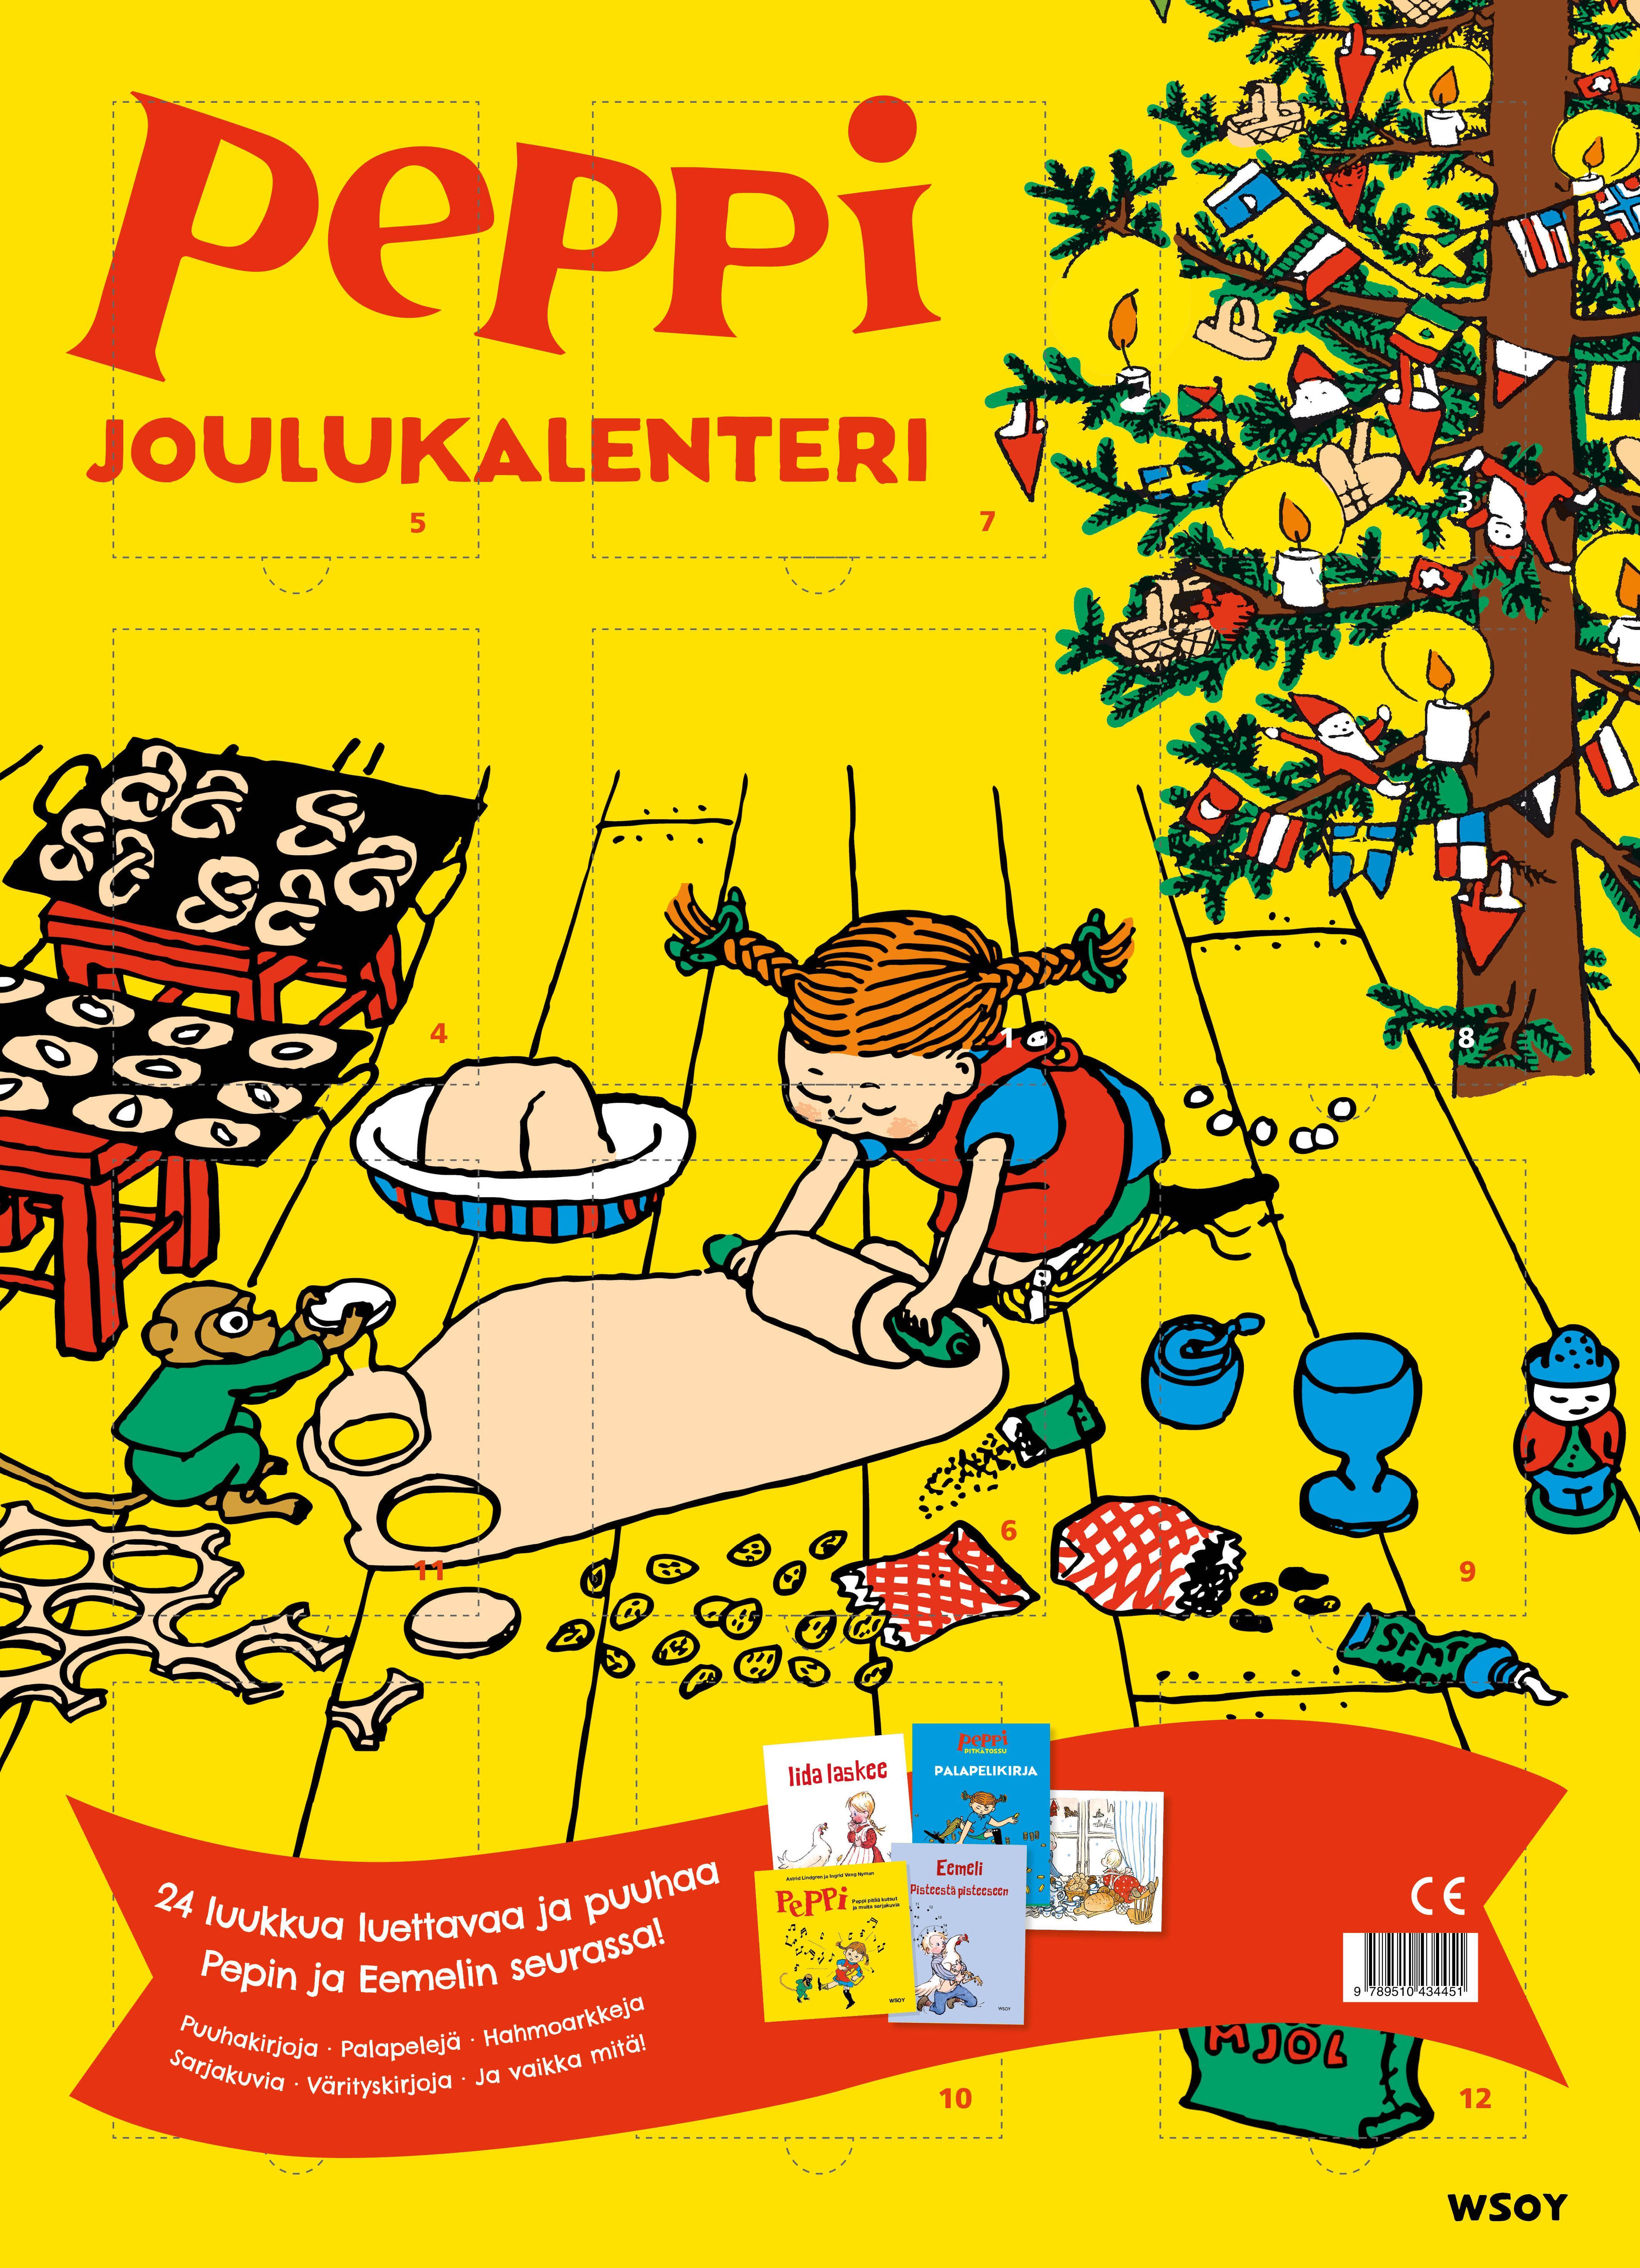 joulukalenteri 2018 kirja Peppi ja Eemeli  joulukalenteri joulukalenteri 2018 kirja